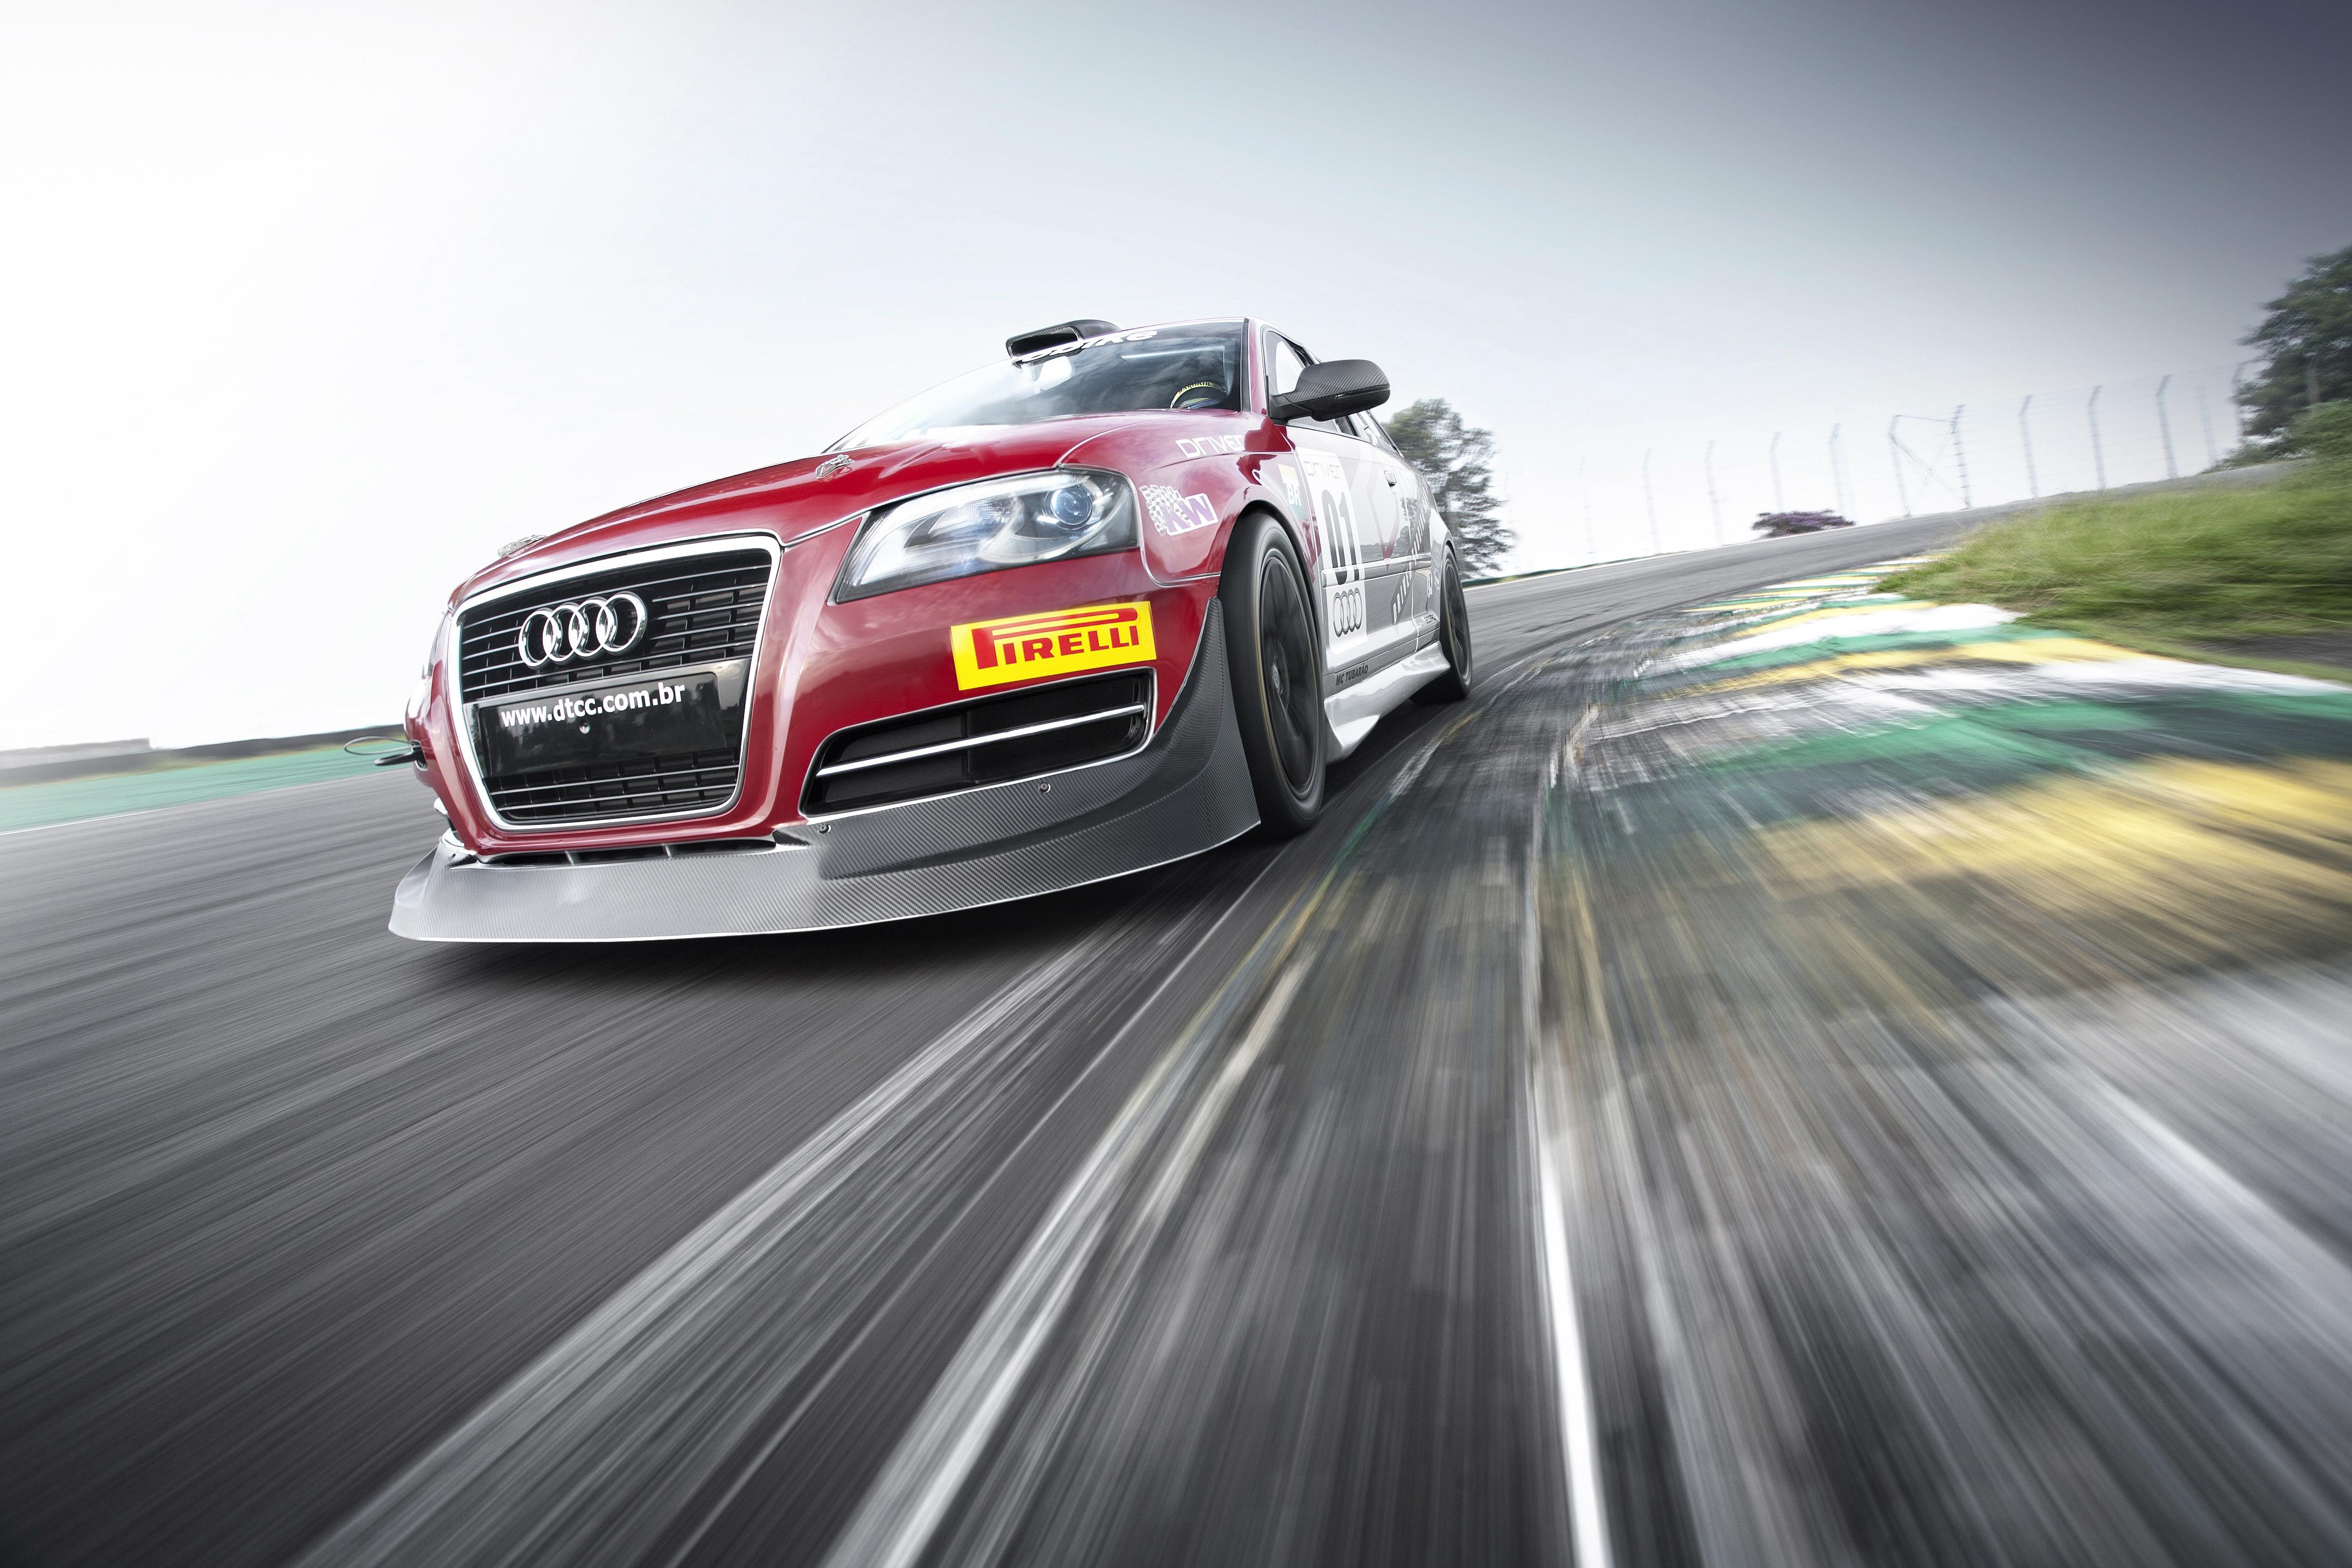 O DTCC Audi faz sua primeira corrida dia 08 de abril na capital paranaense